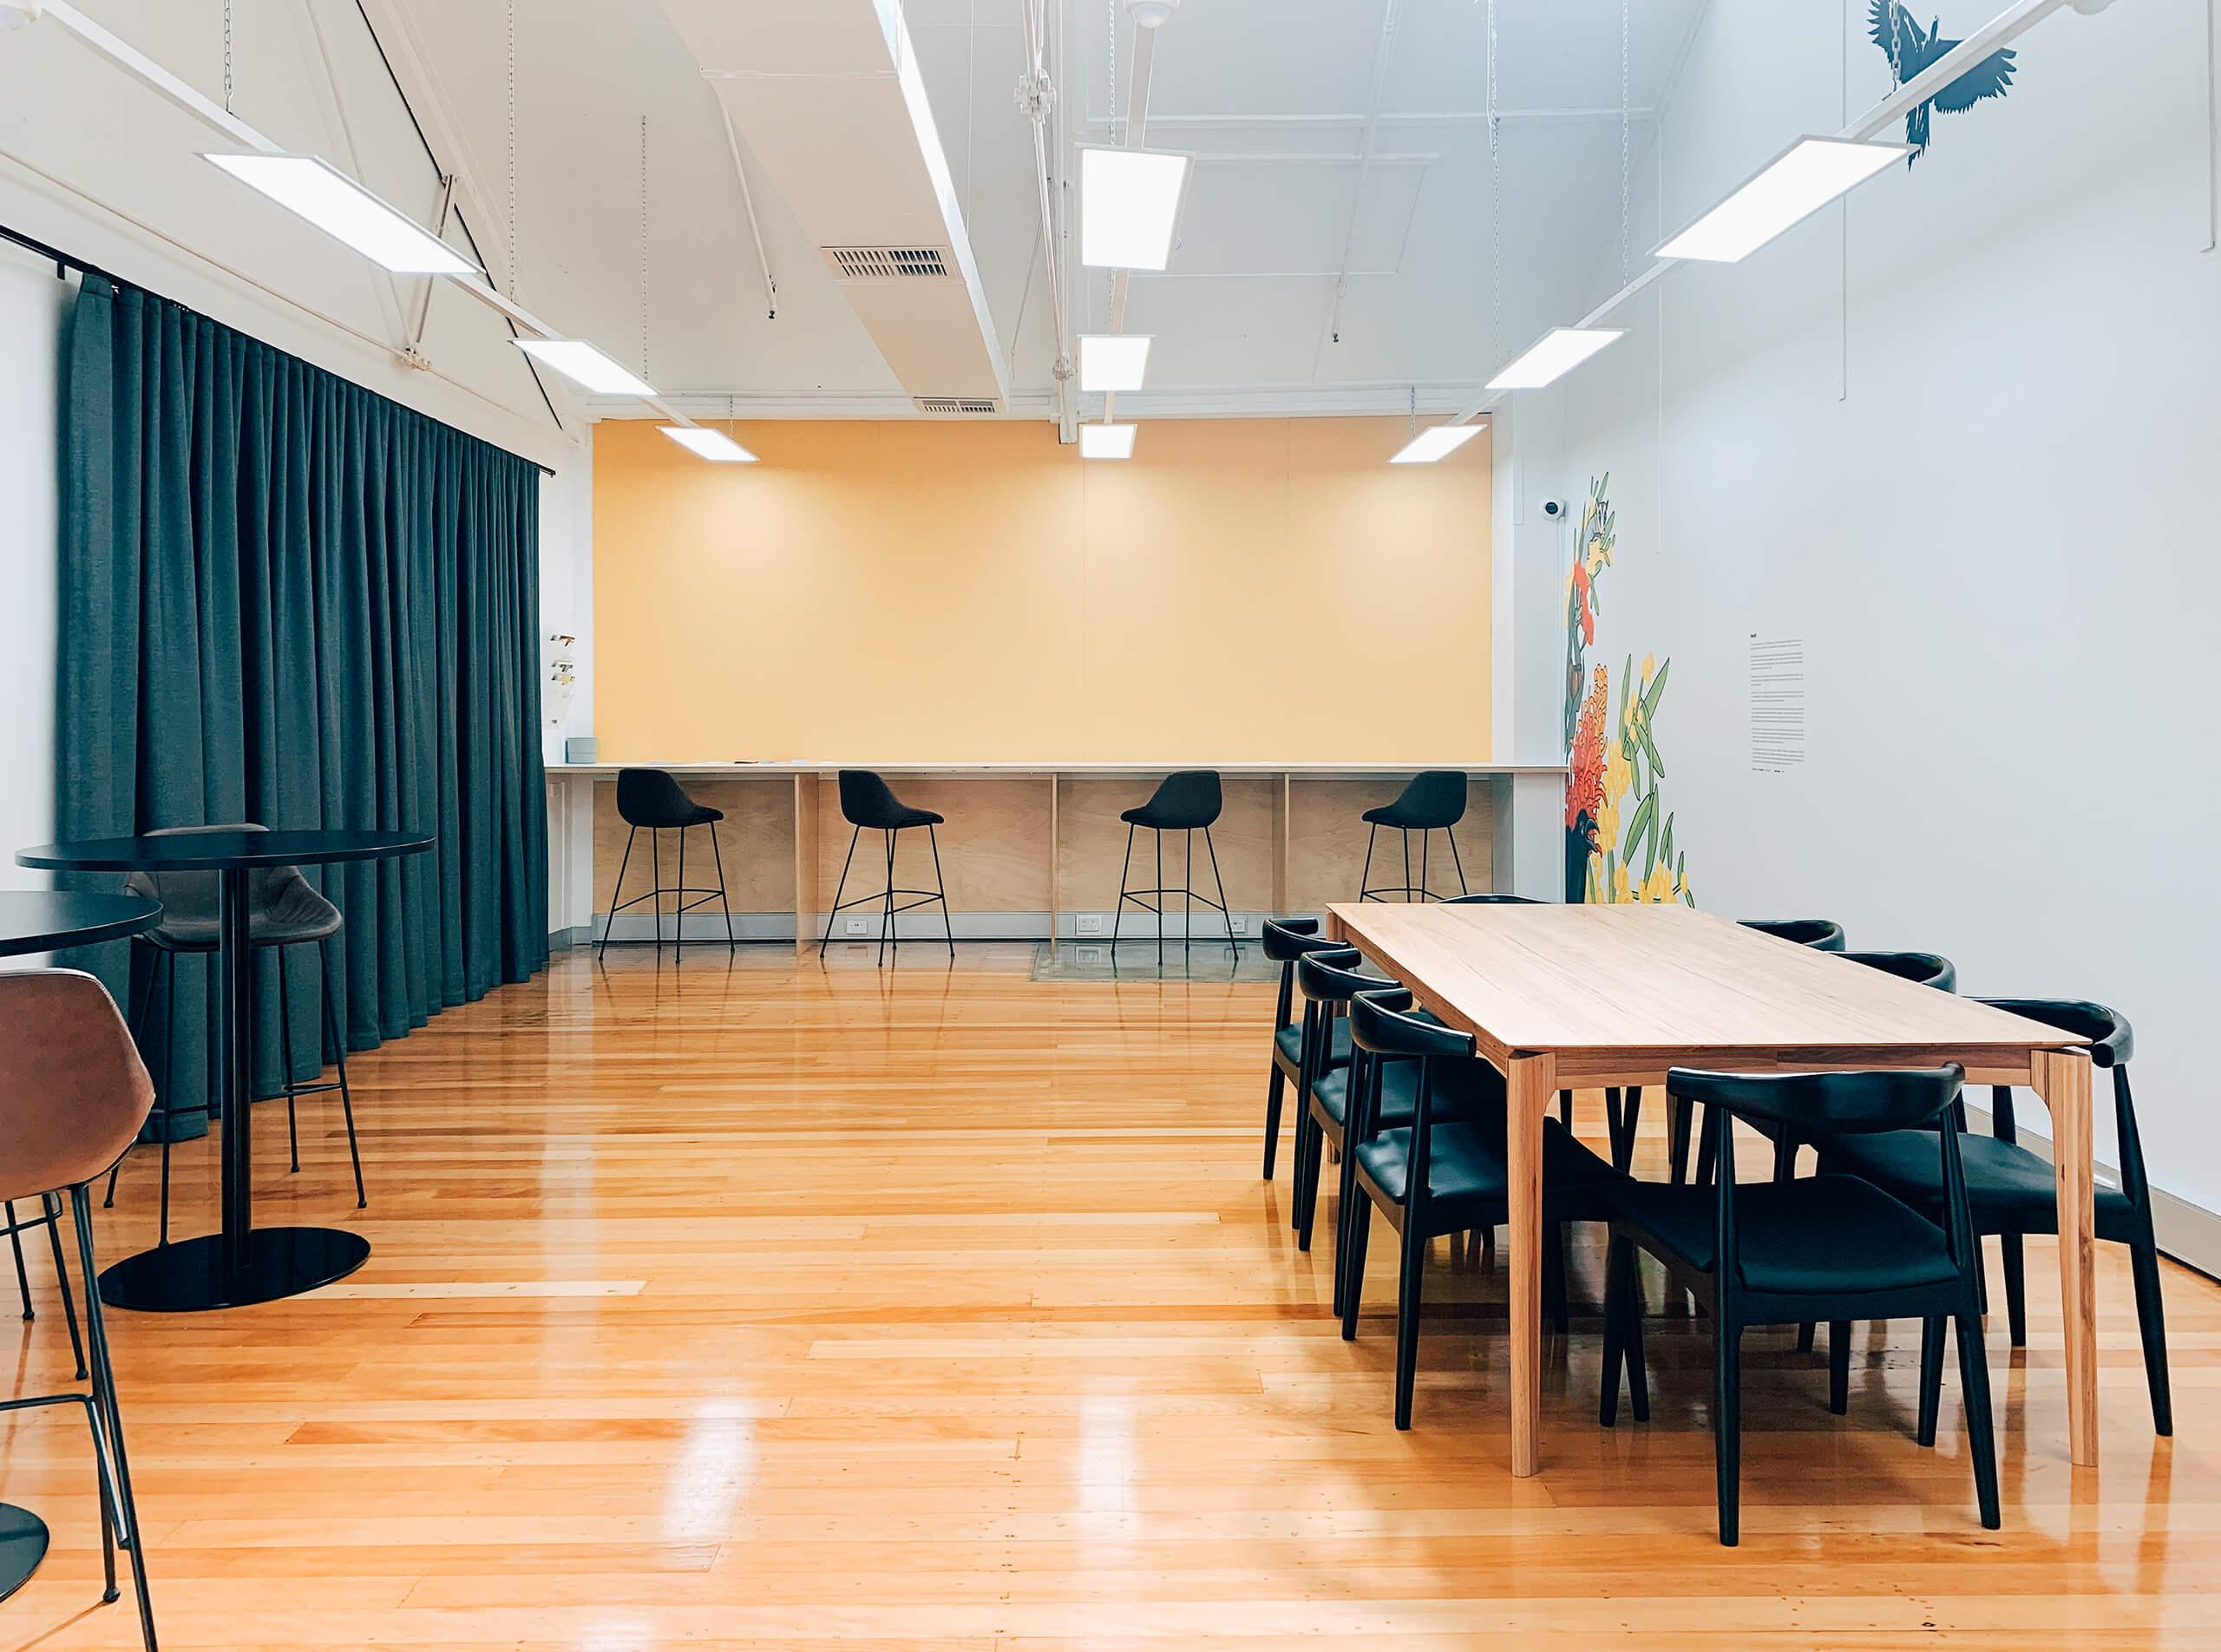 Workshop Space and Break Room